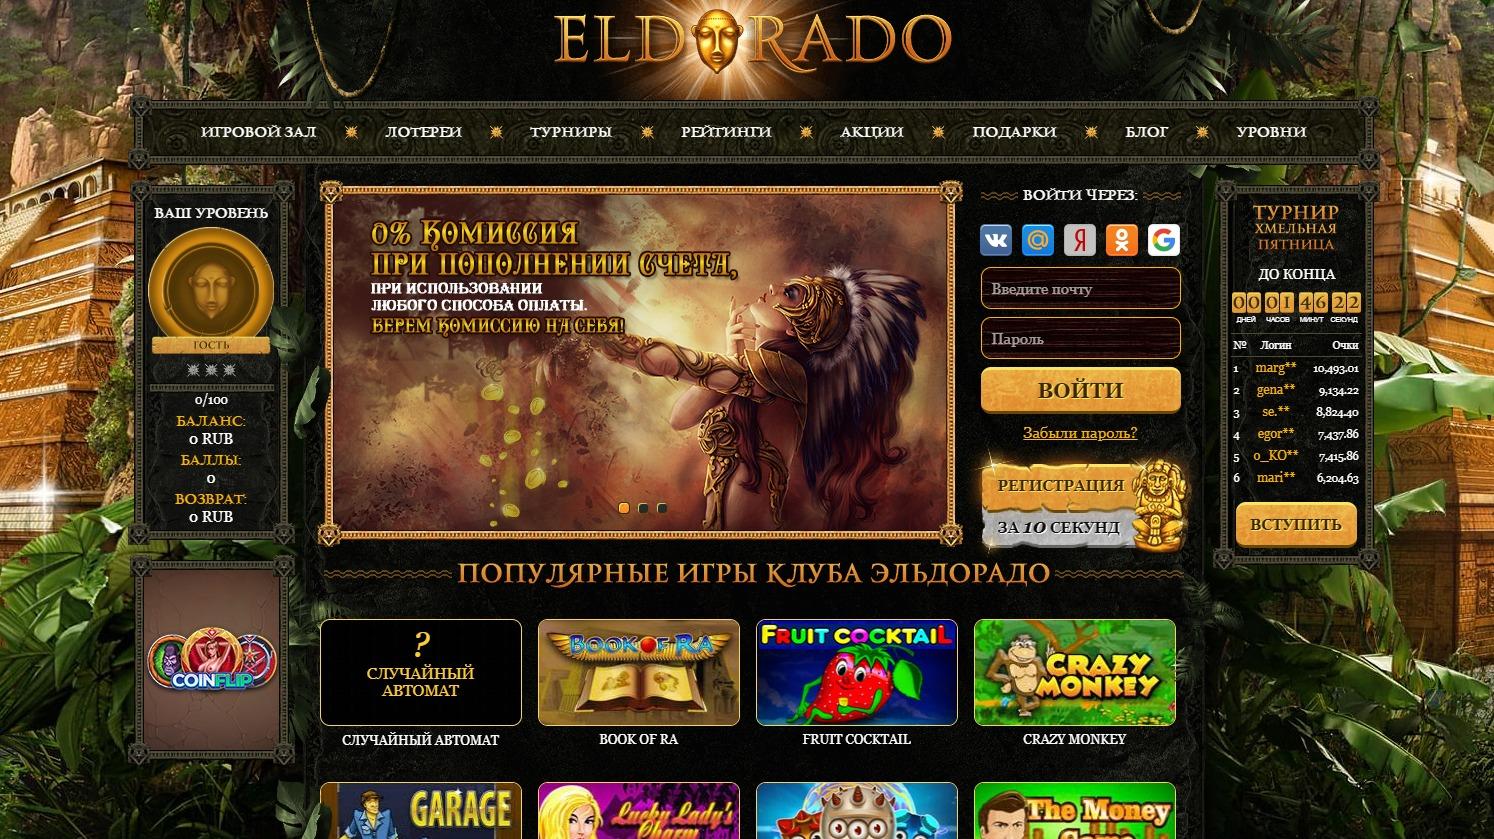 автоматы клуба играть онлайн эльдорадо игровые